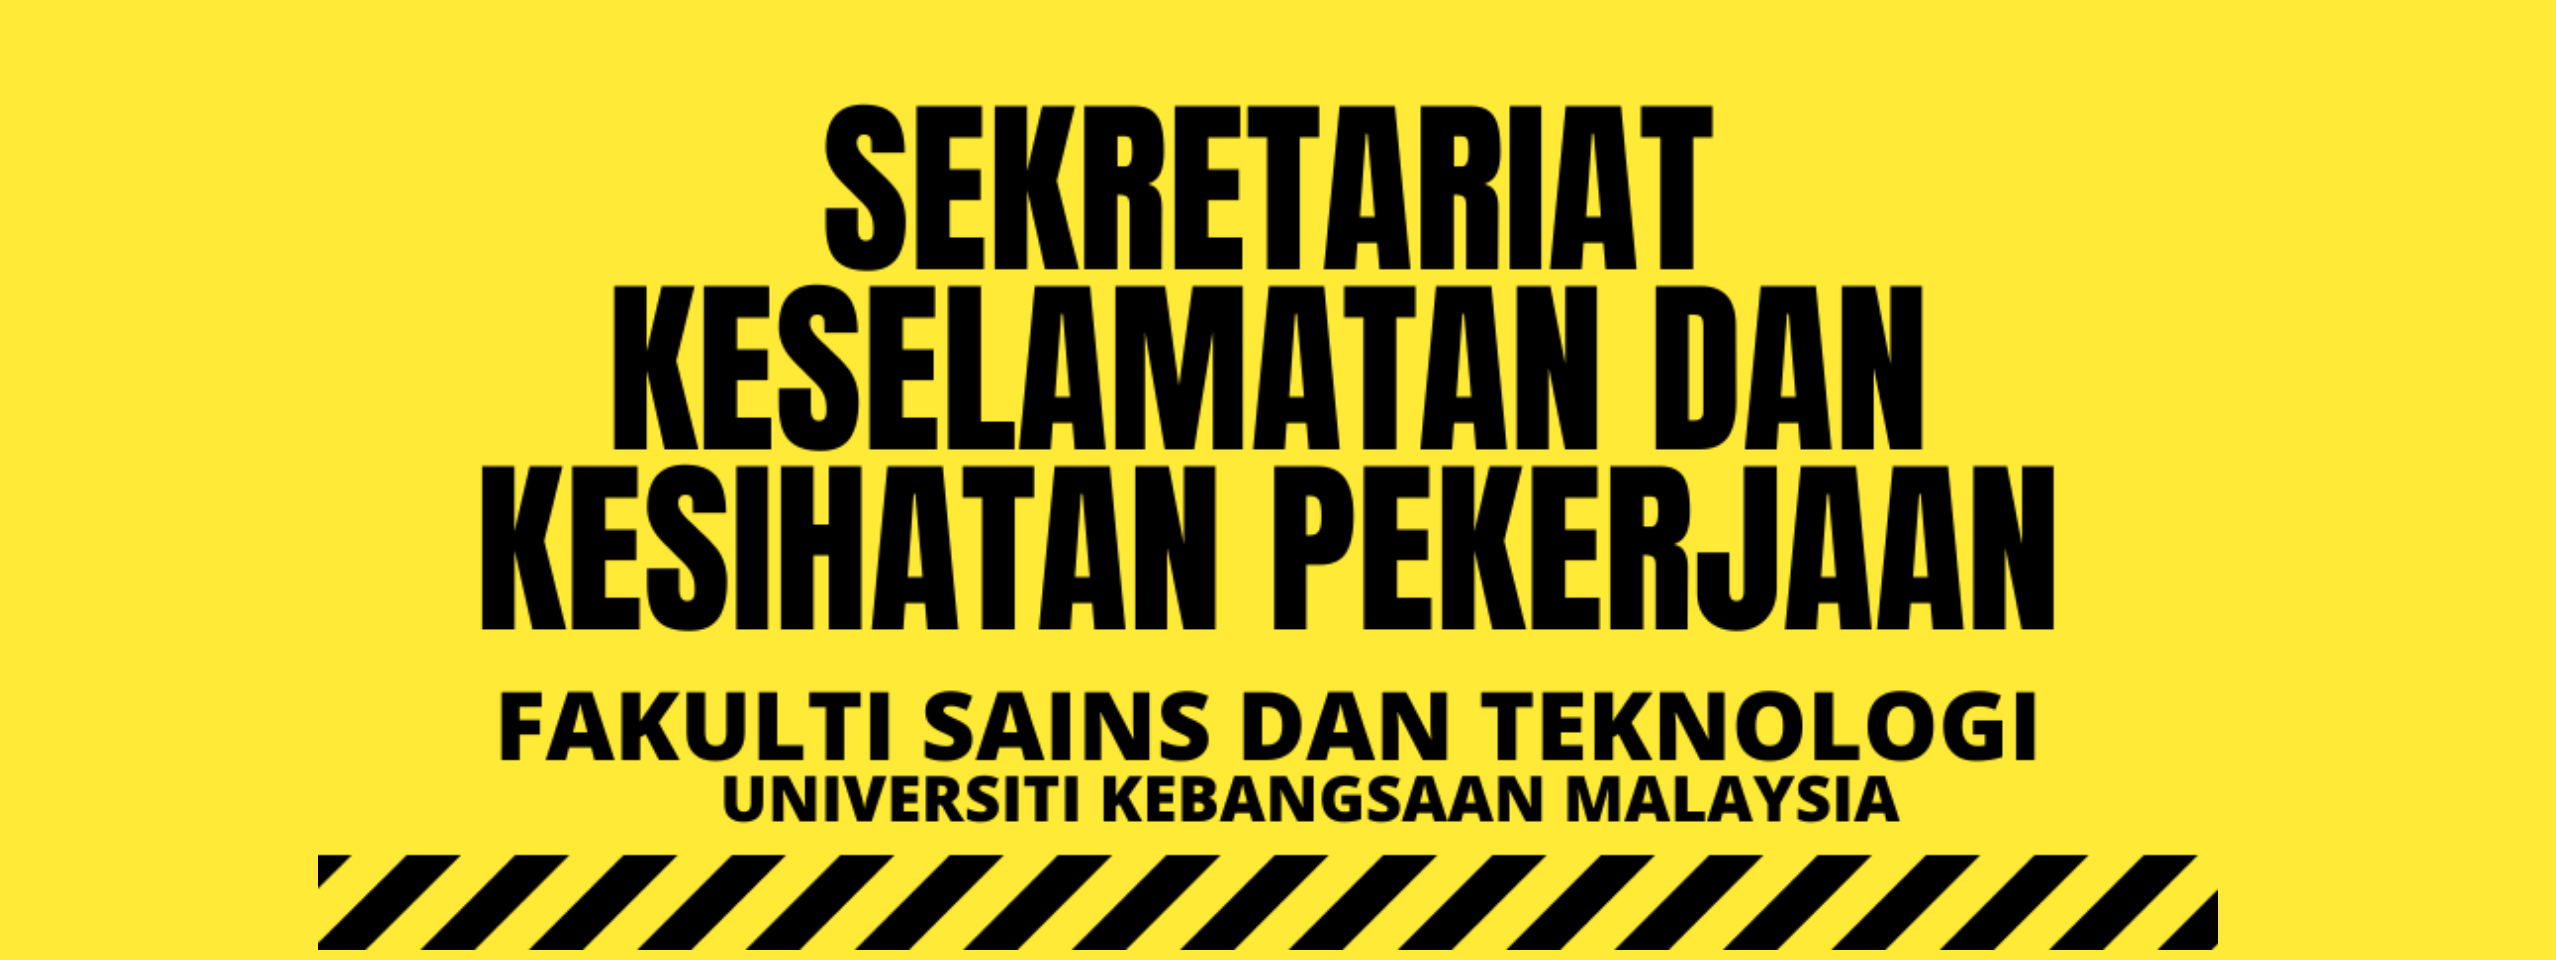 SKKP Banner